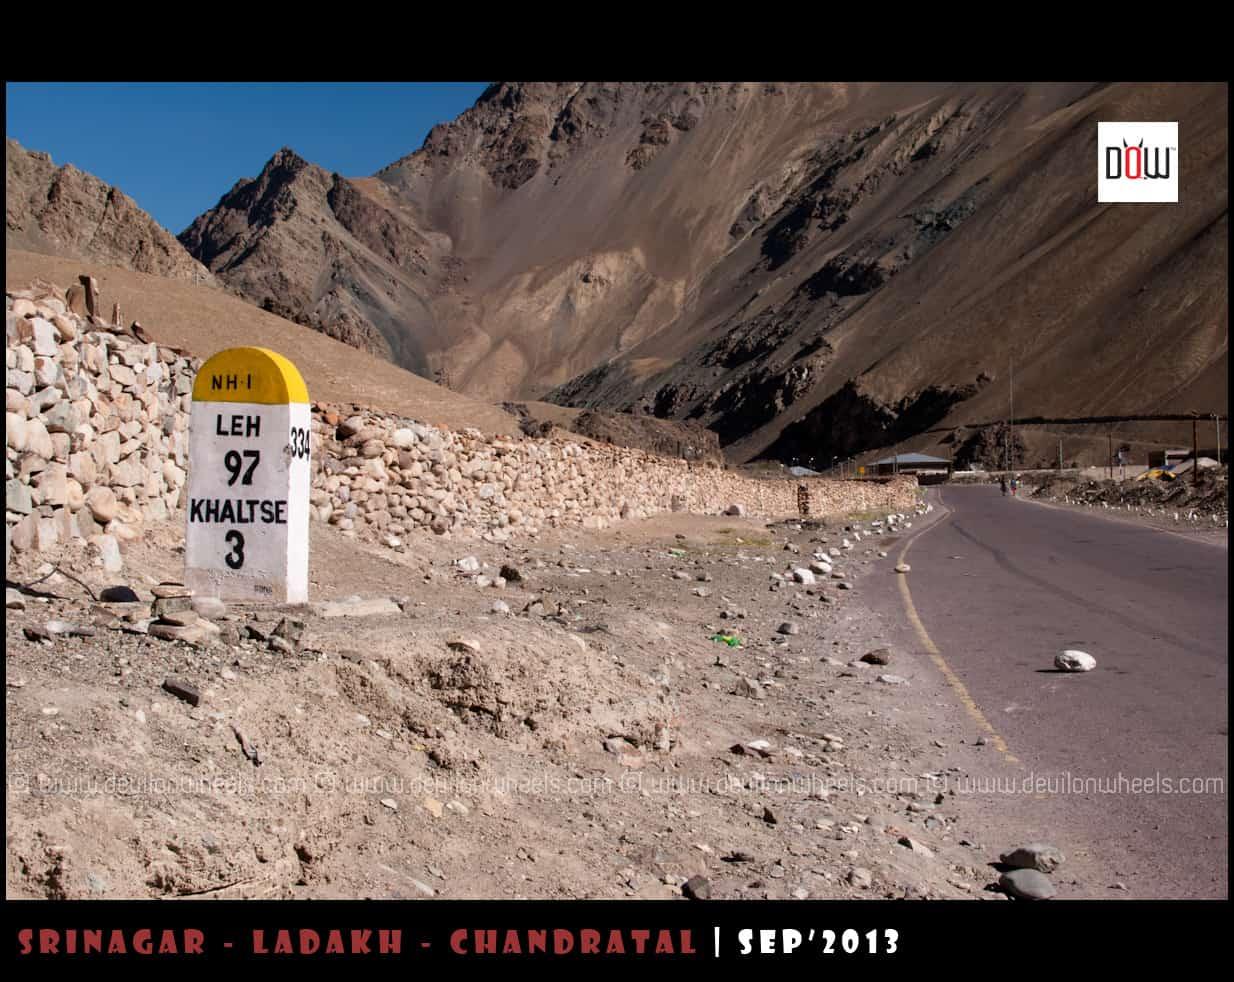 Khaltsi at Srinagar - Leh Highway